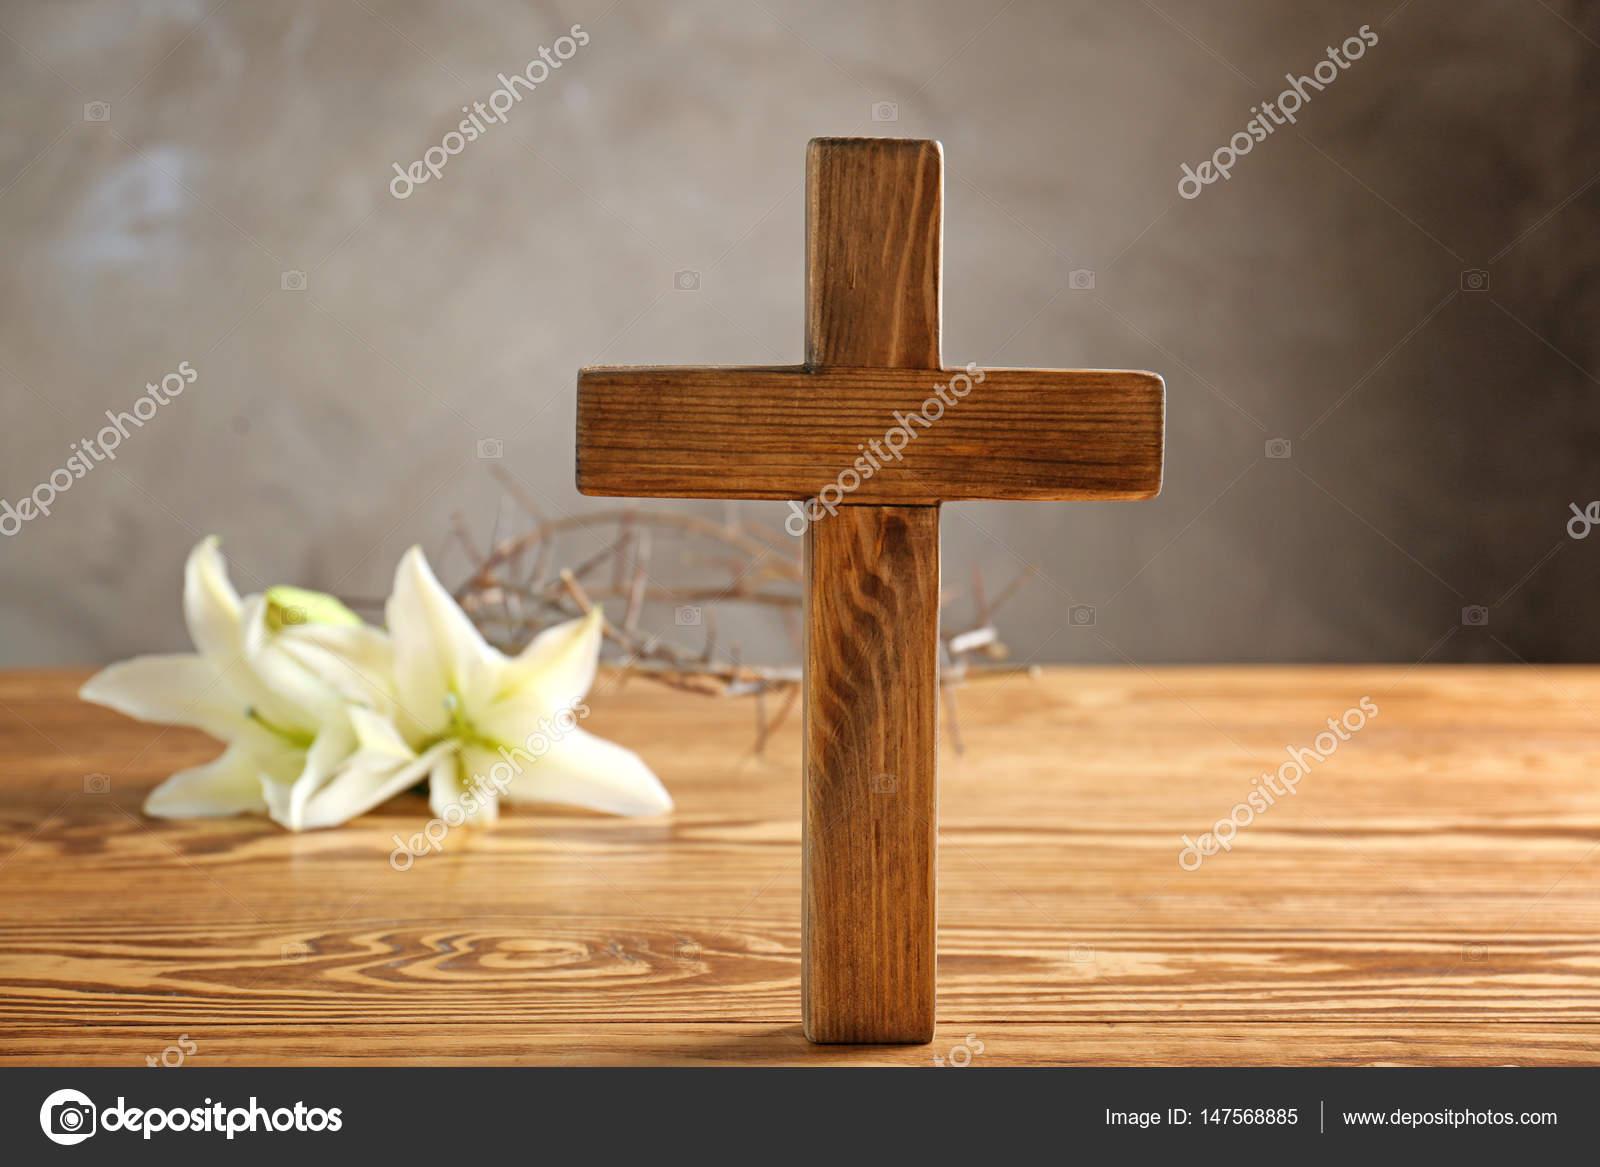 Lily y cruz de madera foto de stock belchonock 147568885 - Transferir fotos a madera ...